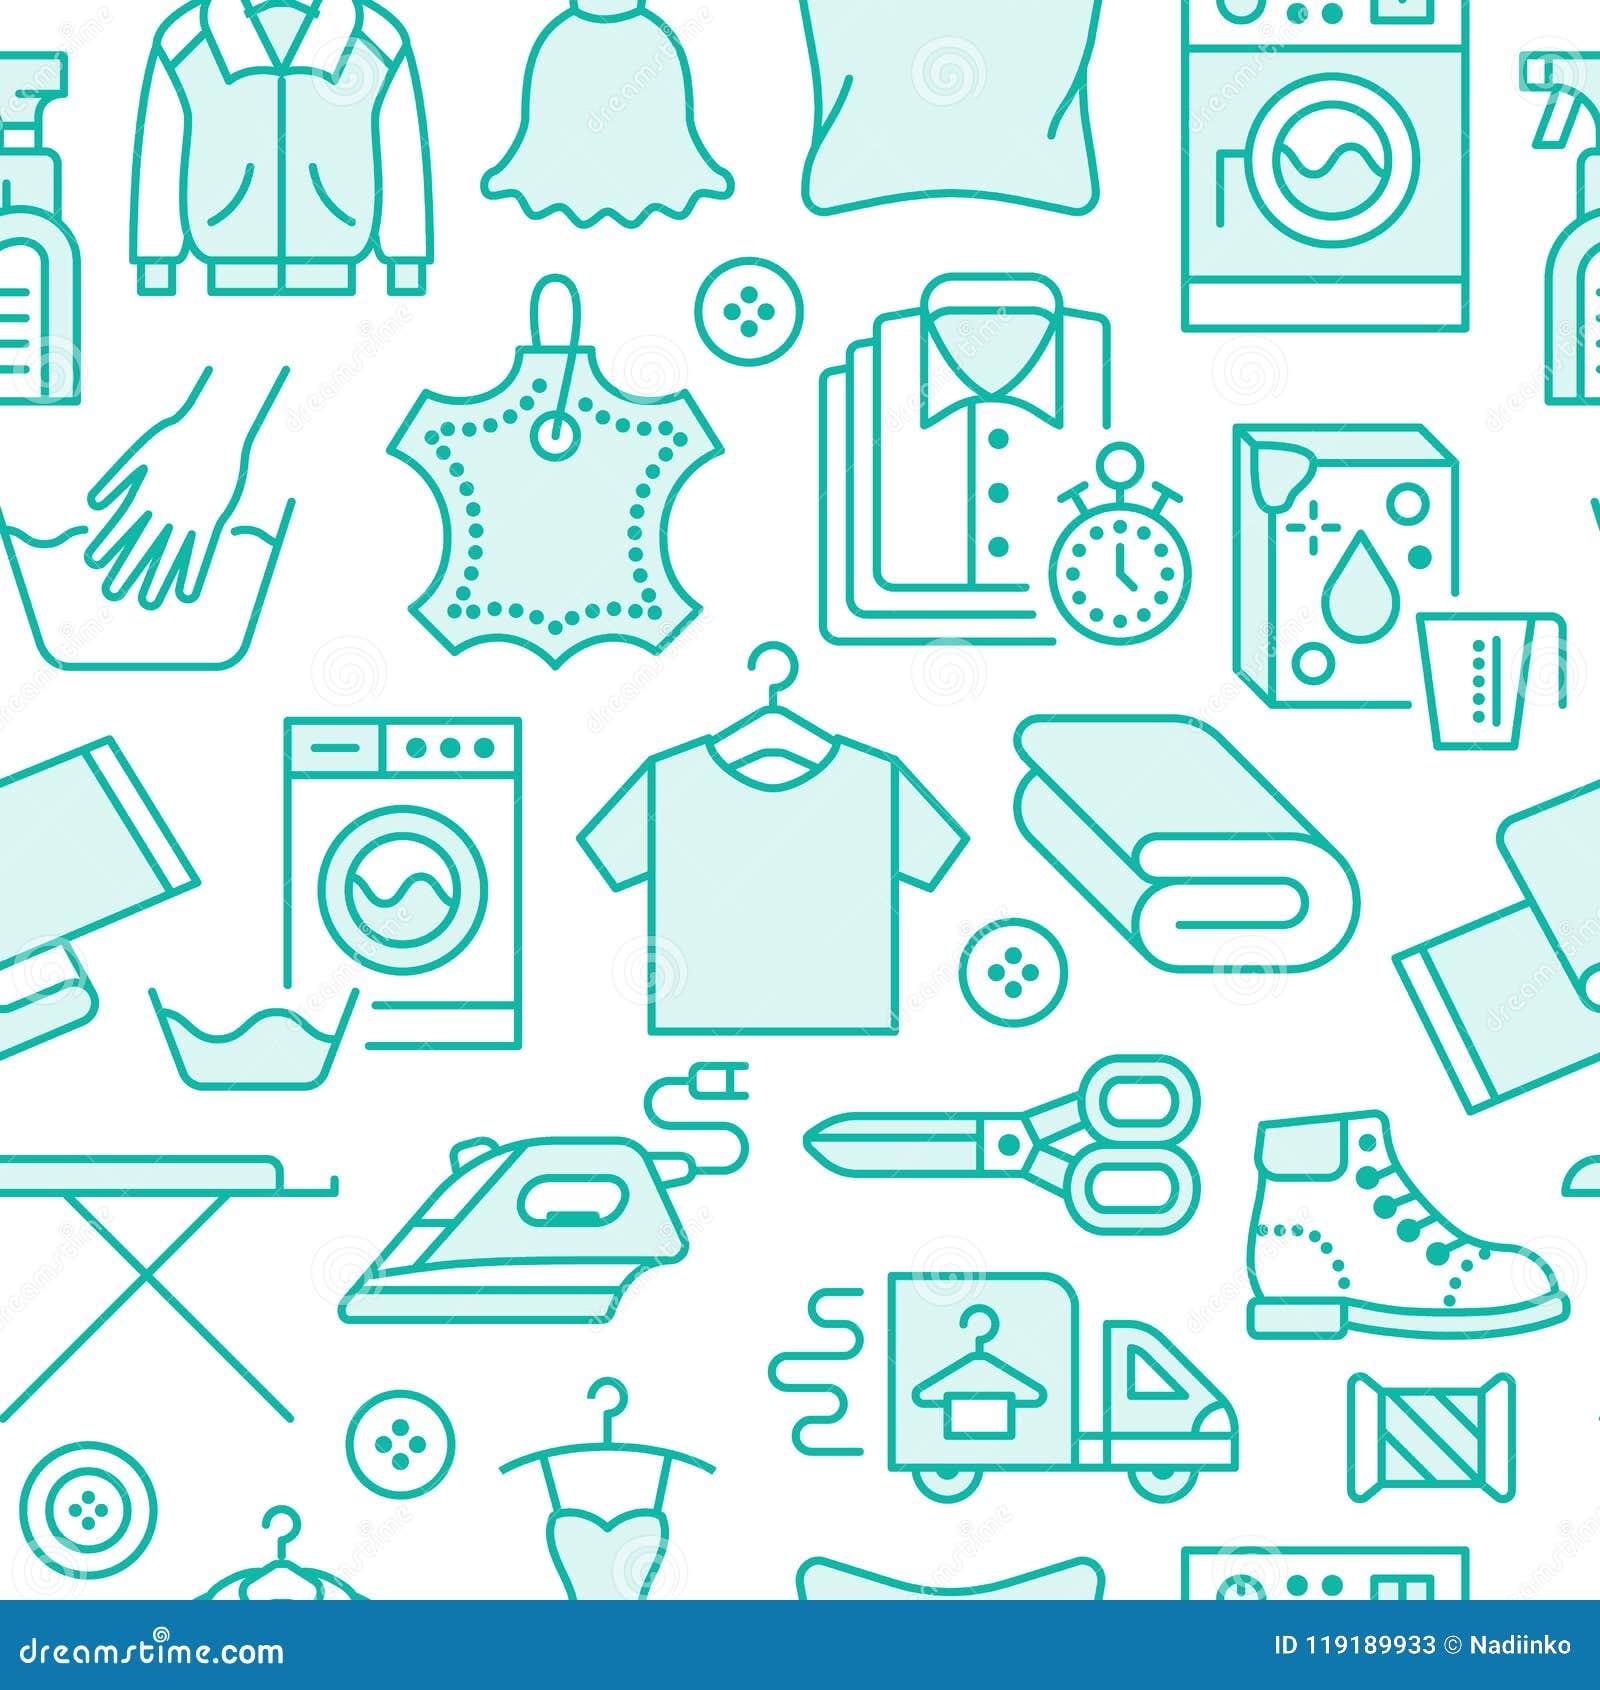 Στεγνός καθαρισμός, άνευ ραφής σχέδιο μπλε πλυντηρίων με τα εικονίδια γραμμών Laundromat εξοπλισμός υπηρεσιών, πλυντήριο, ενδυμασ